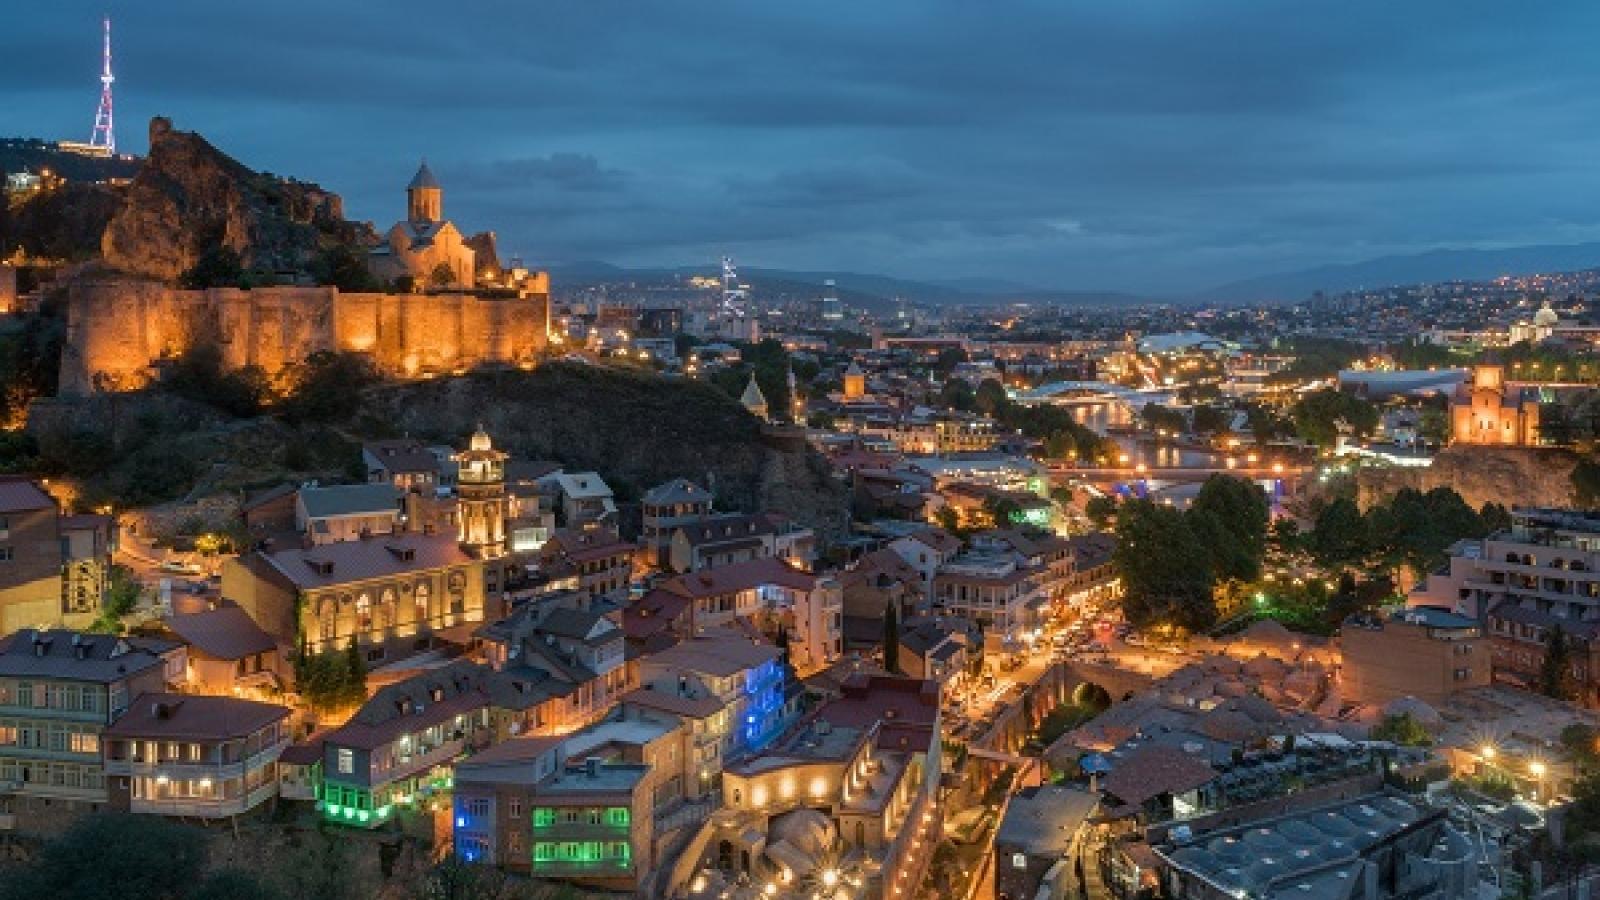 12 thành phố châu Âu mang đến trải nghiệm mới lạ cho du khách